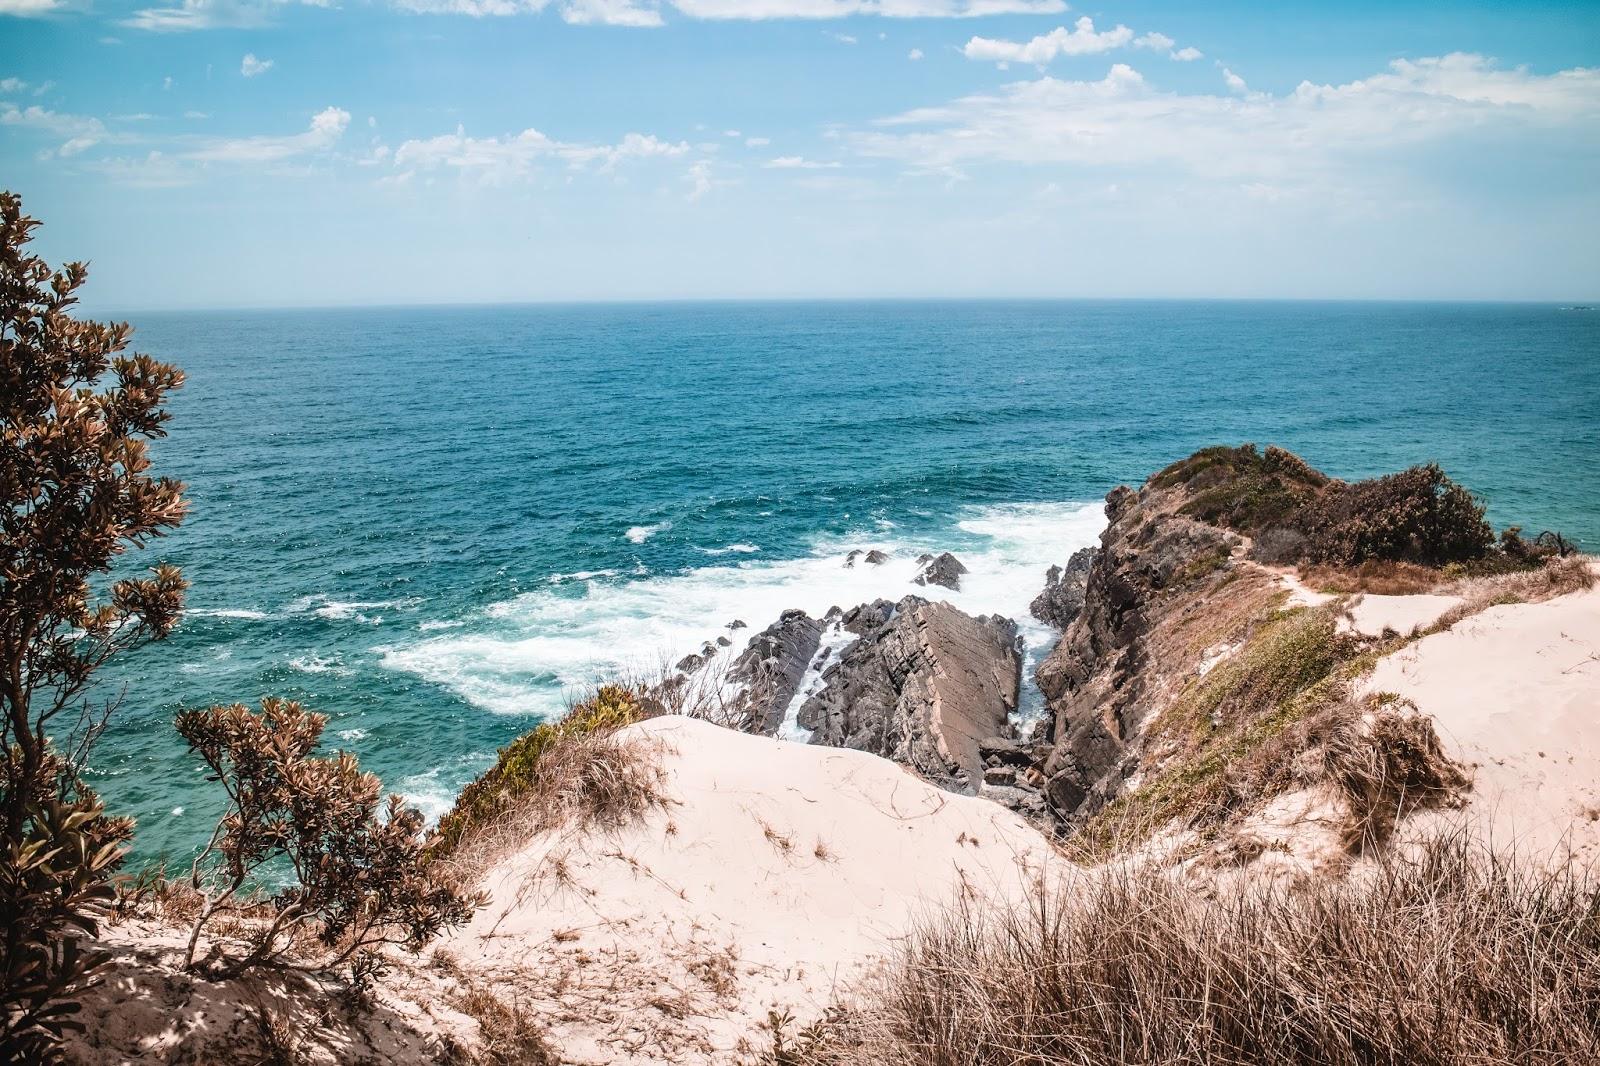 Forster Australia